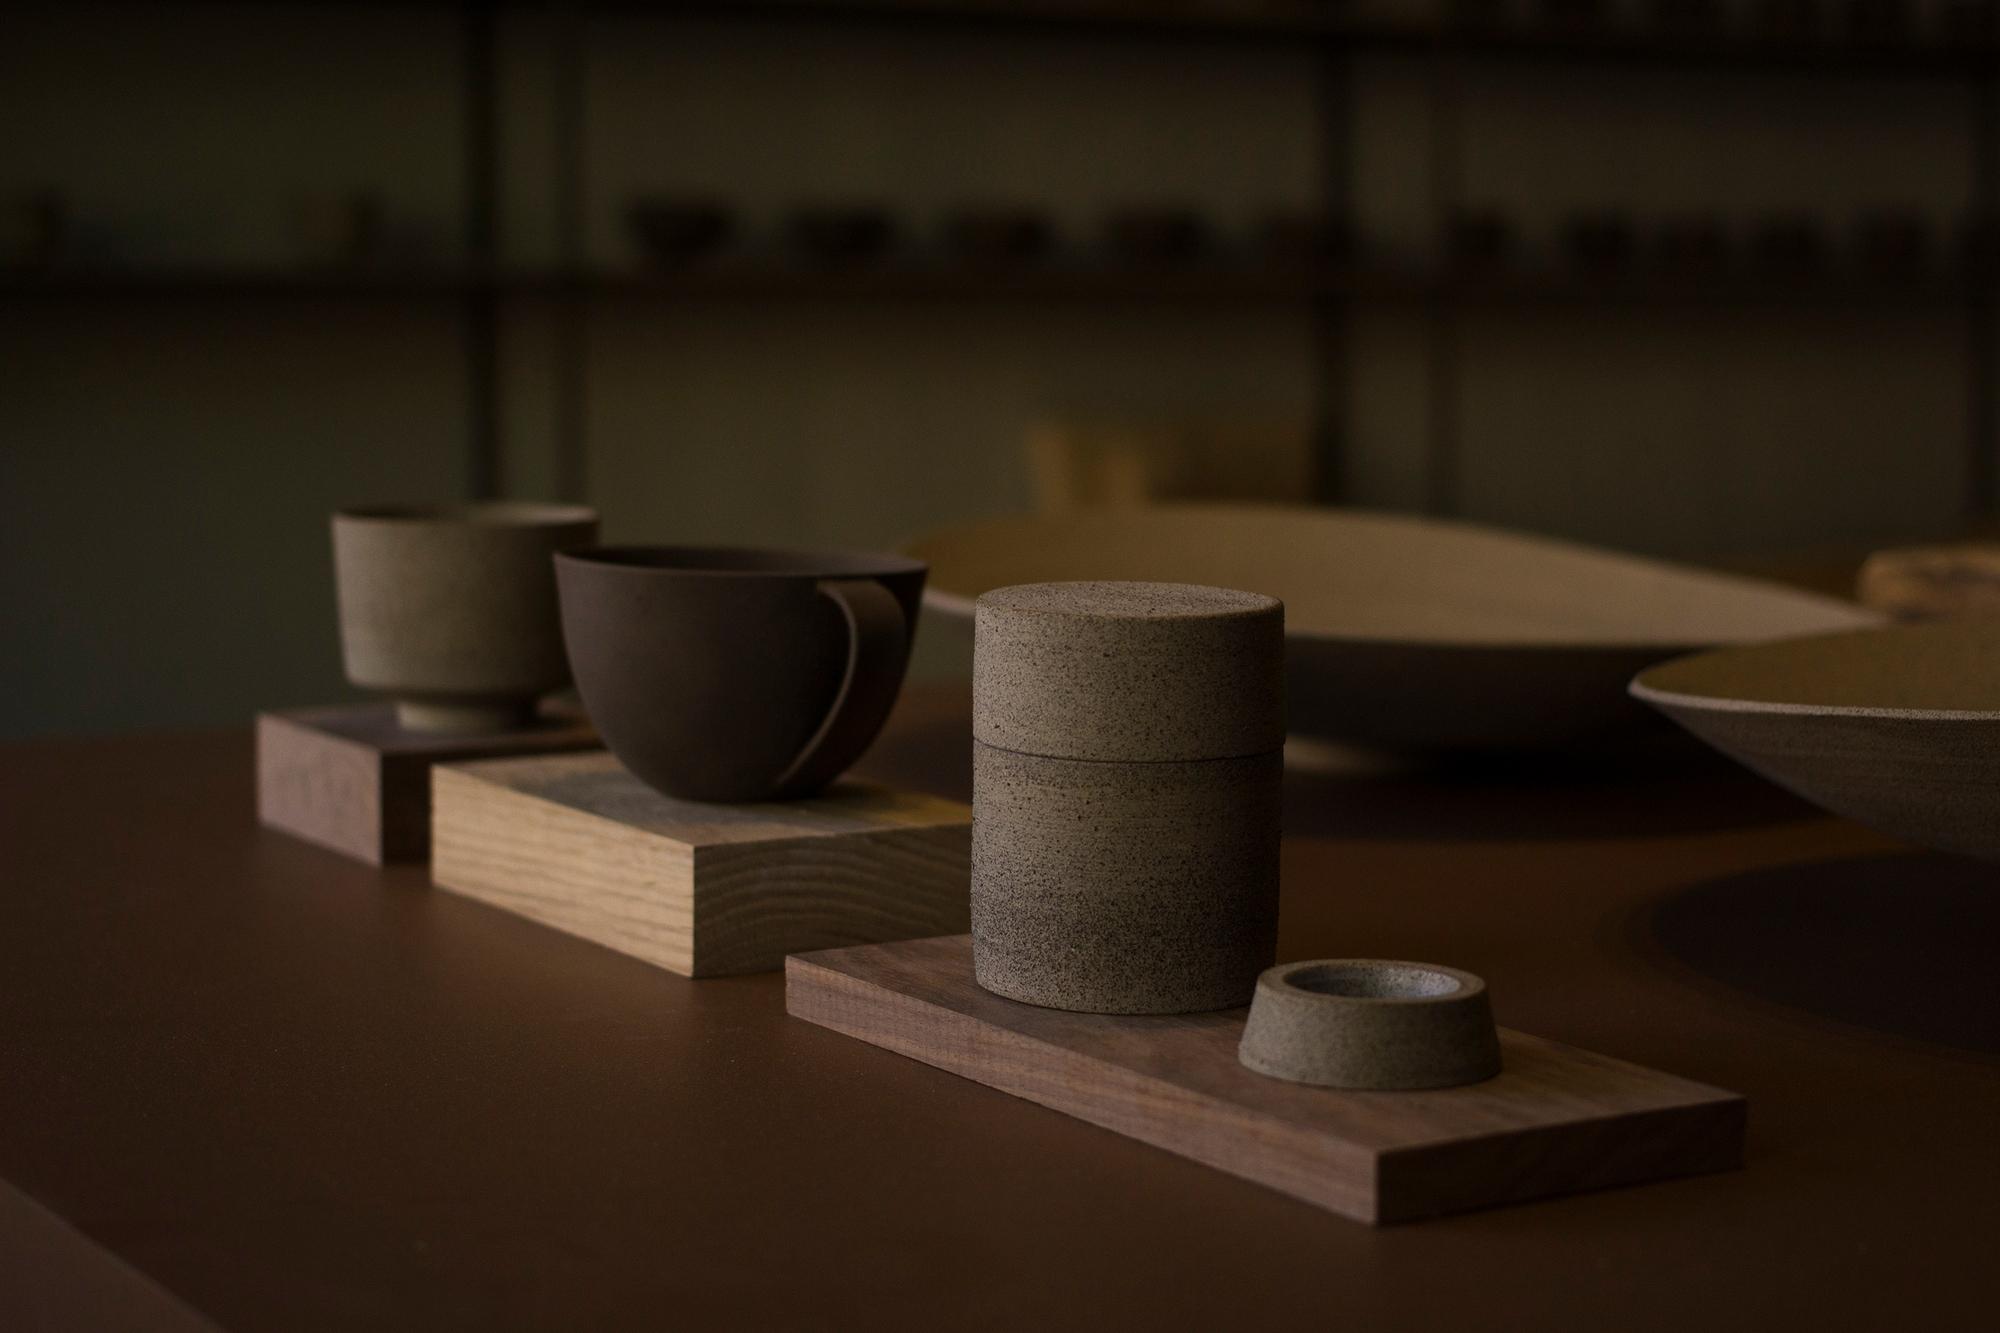 joel sandelius keramik 1.jpeg